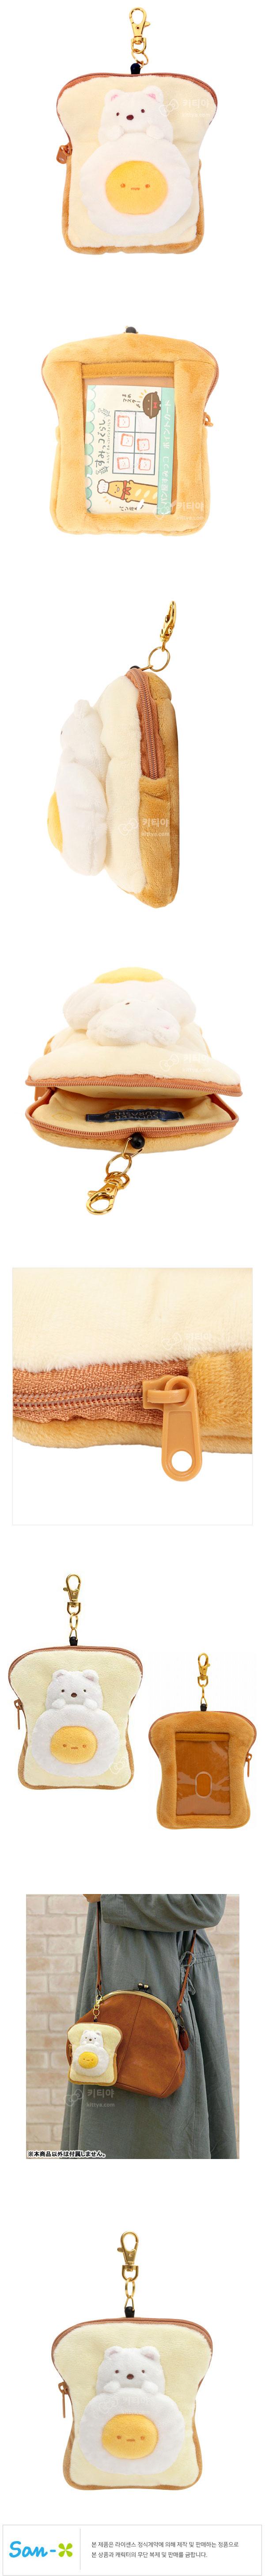 스밋코구라시 릴패스 케이스 (베이커리교실) - 키티야, 37,500원, 동전/카드지갑, 카드지갑